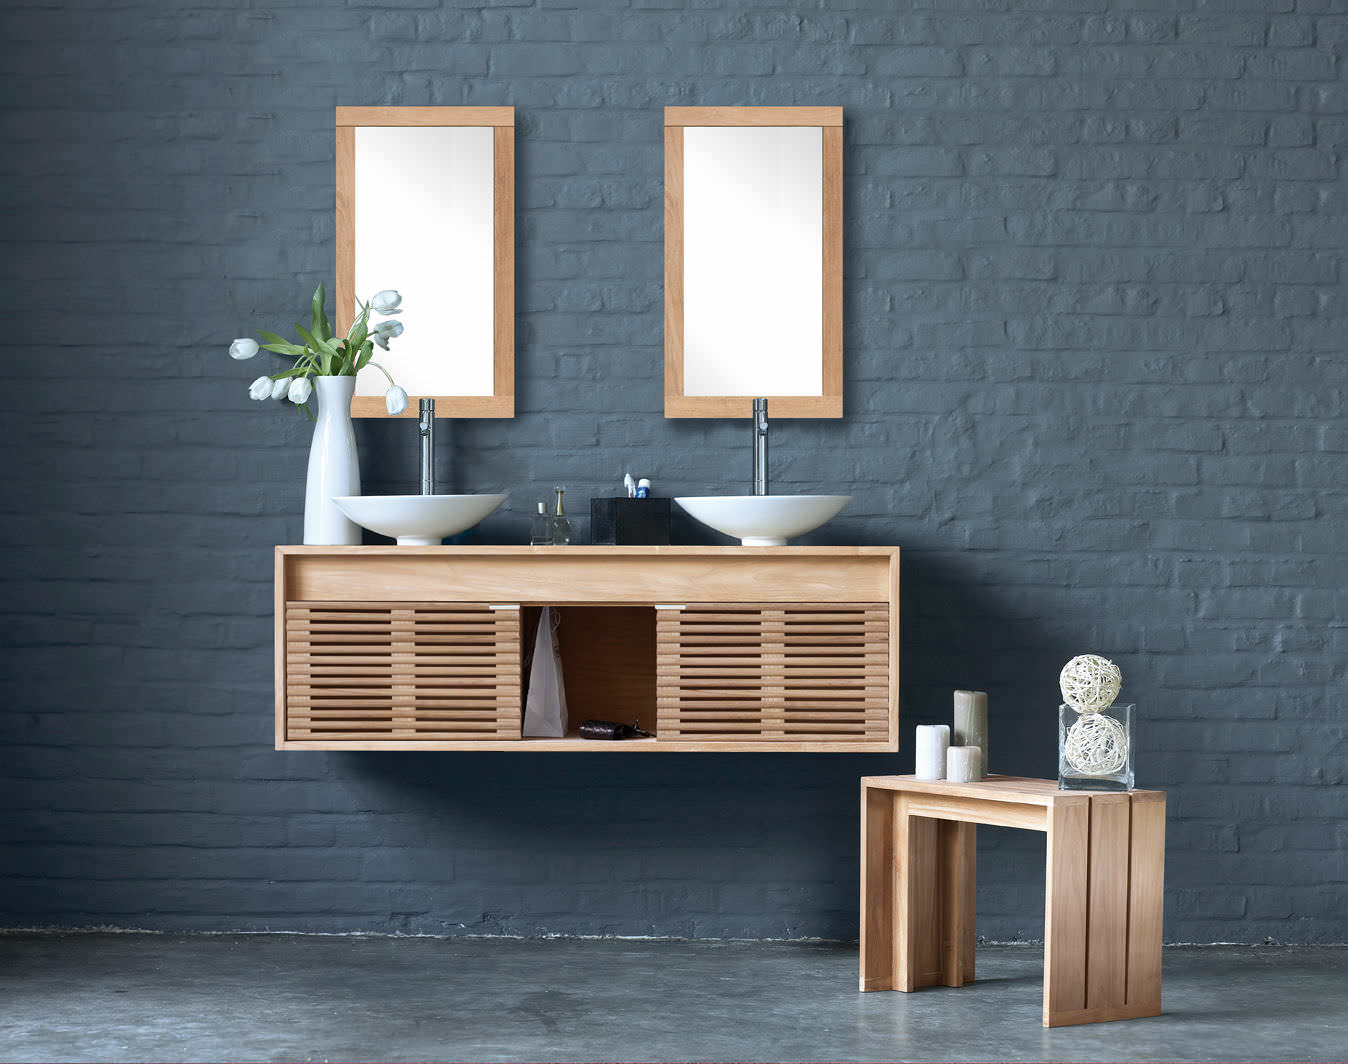 Muebles lavabo dobles pared 174 5153431 for Muebles de lavabo